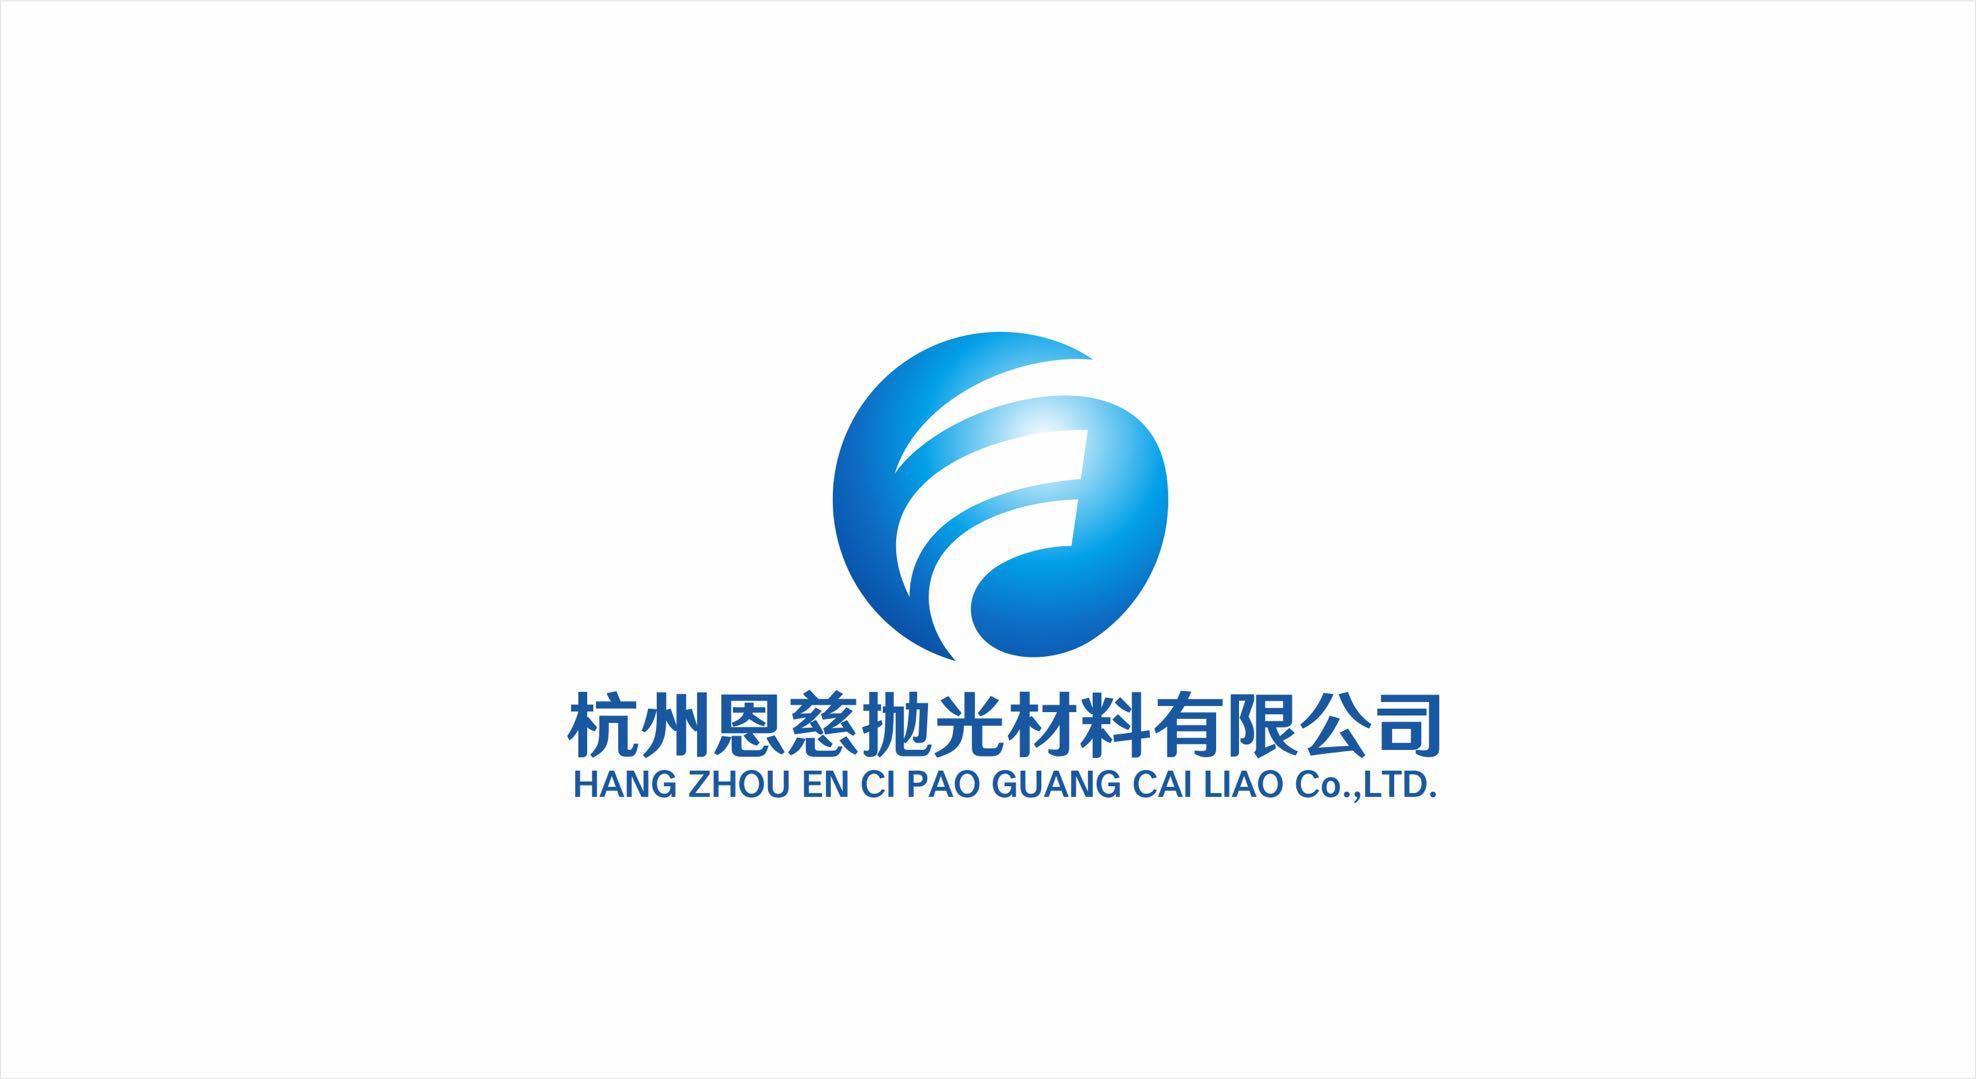 杭州恩慈抛光材料有限公司